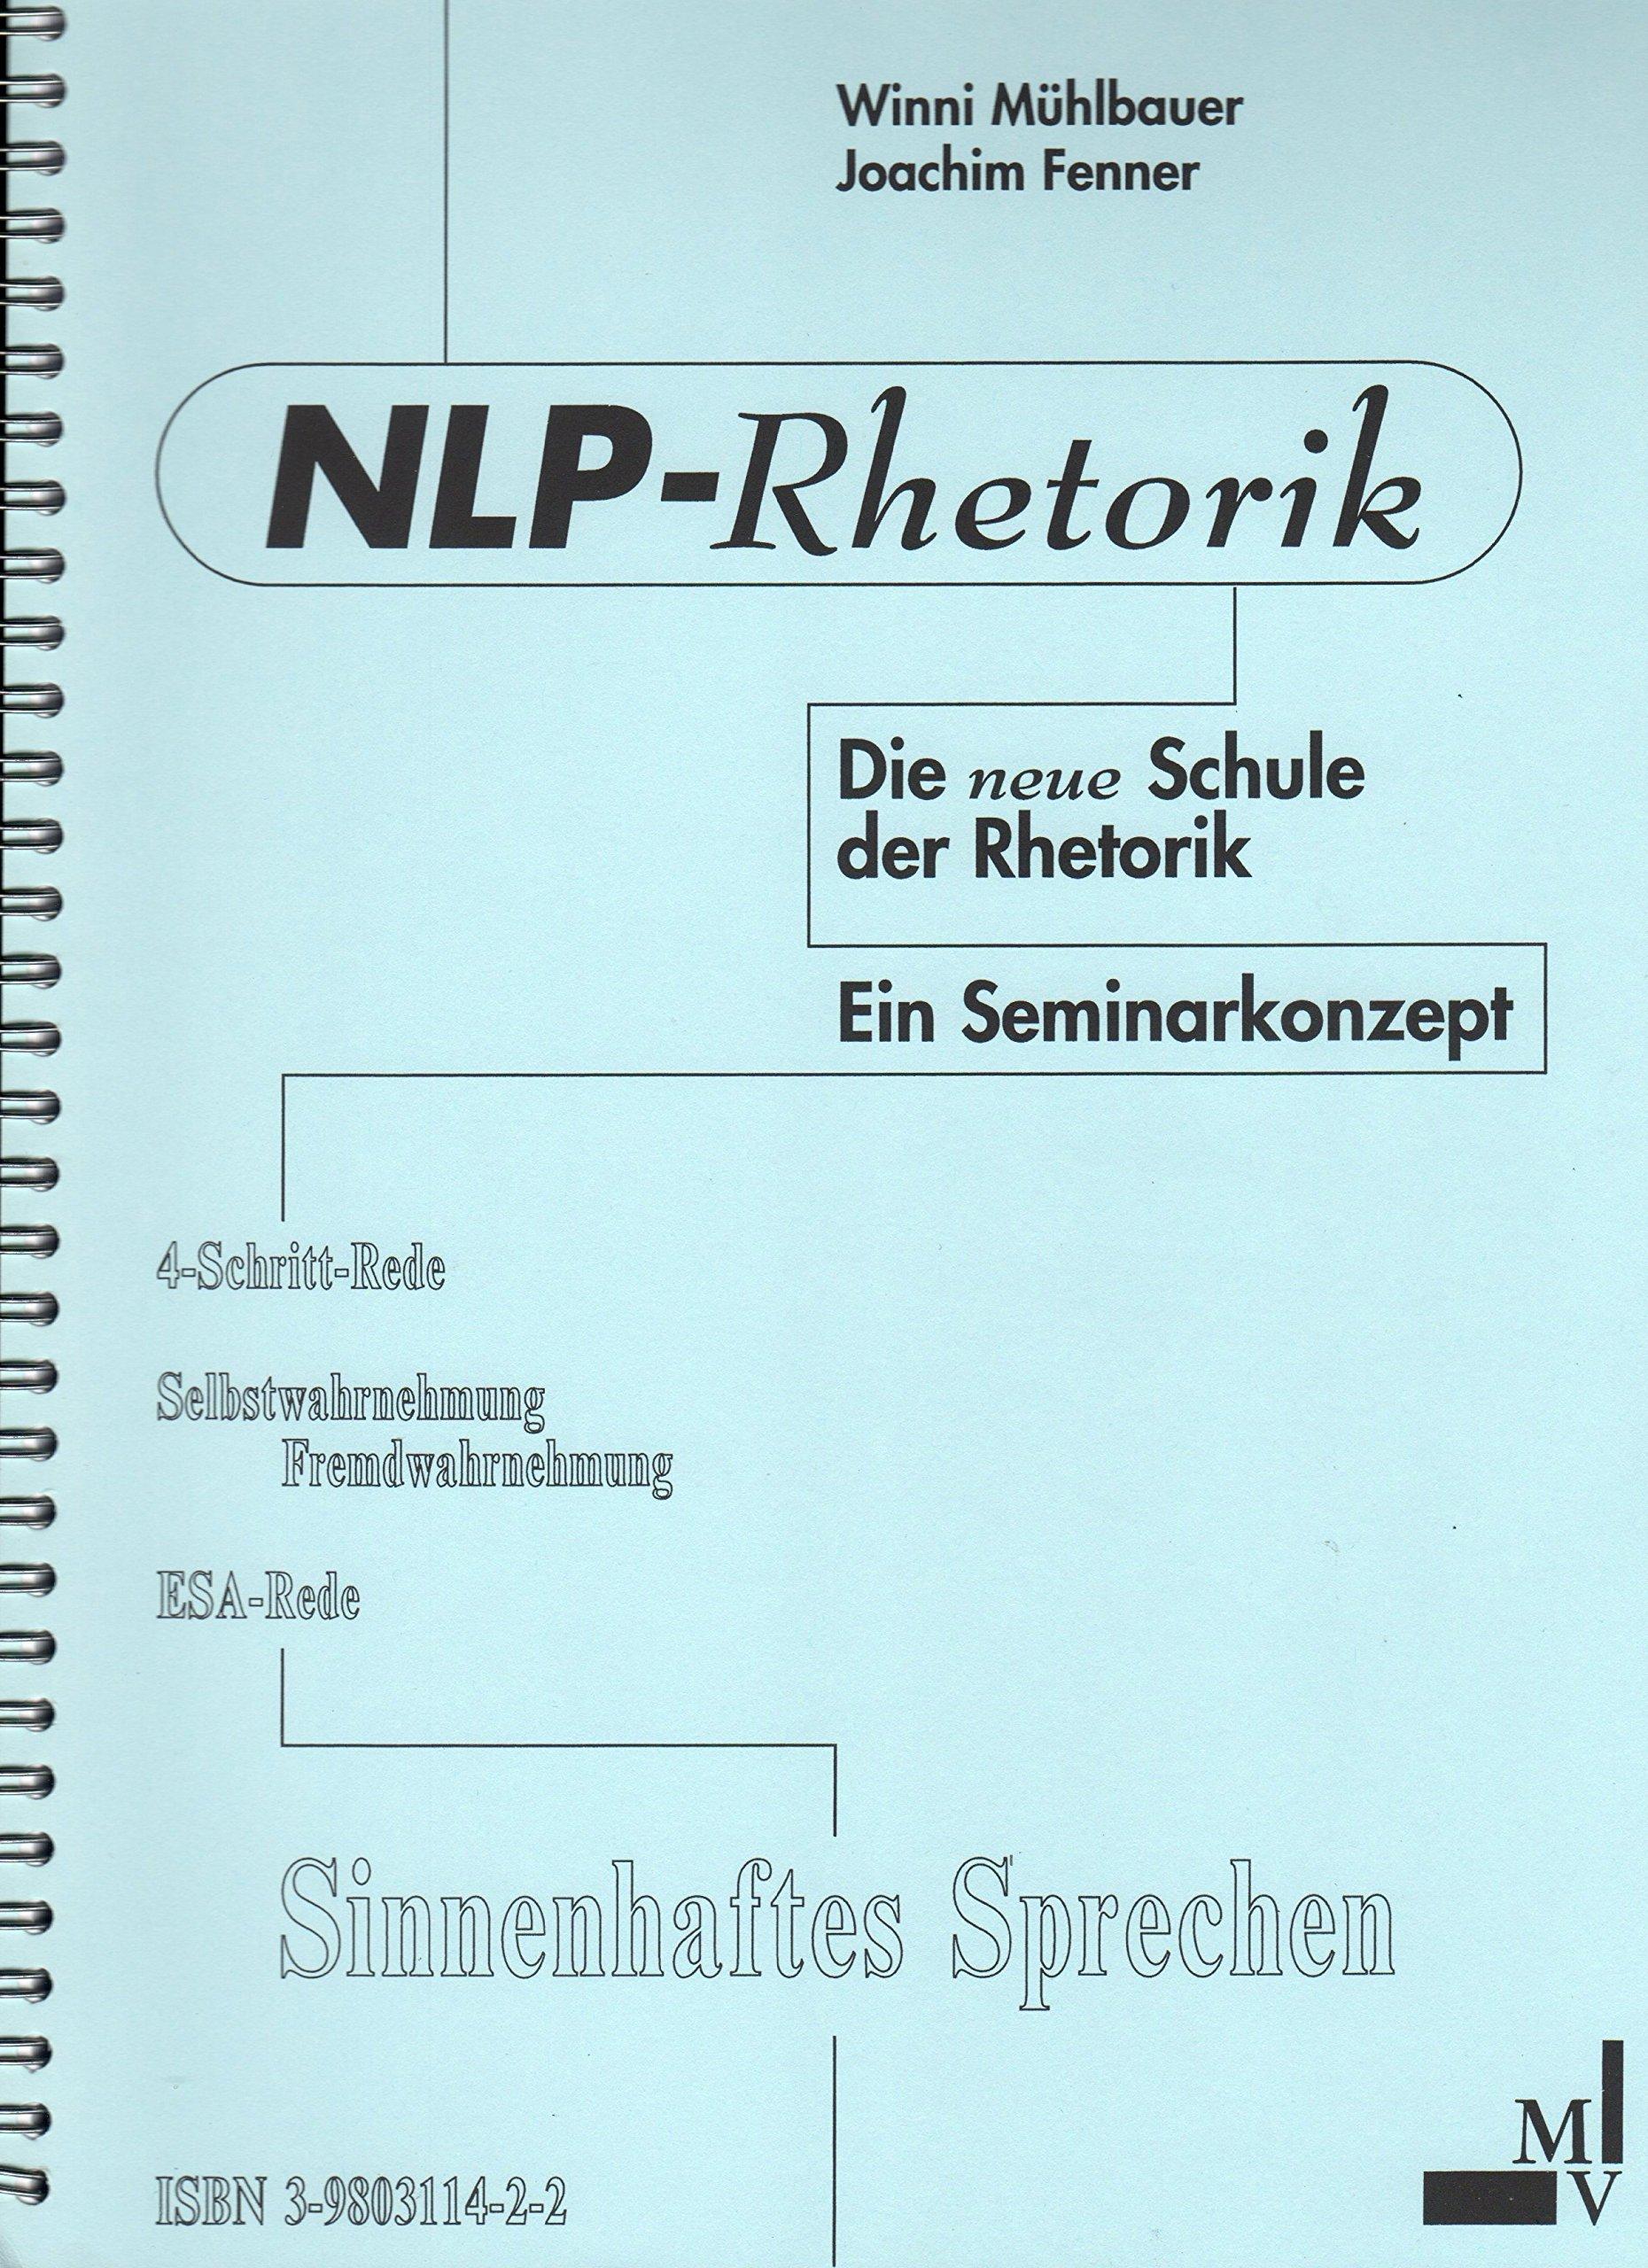 NLP-Rhetorik. Die neue Schule der Rhetorik